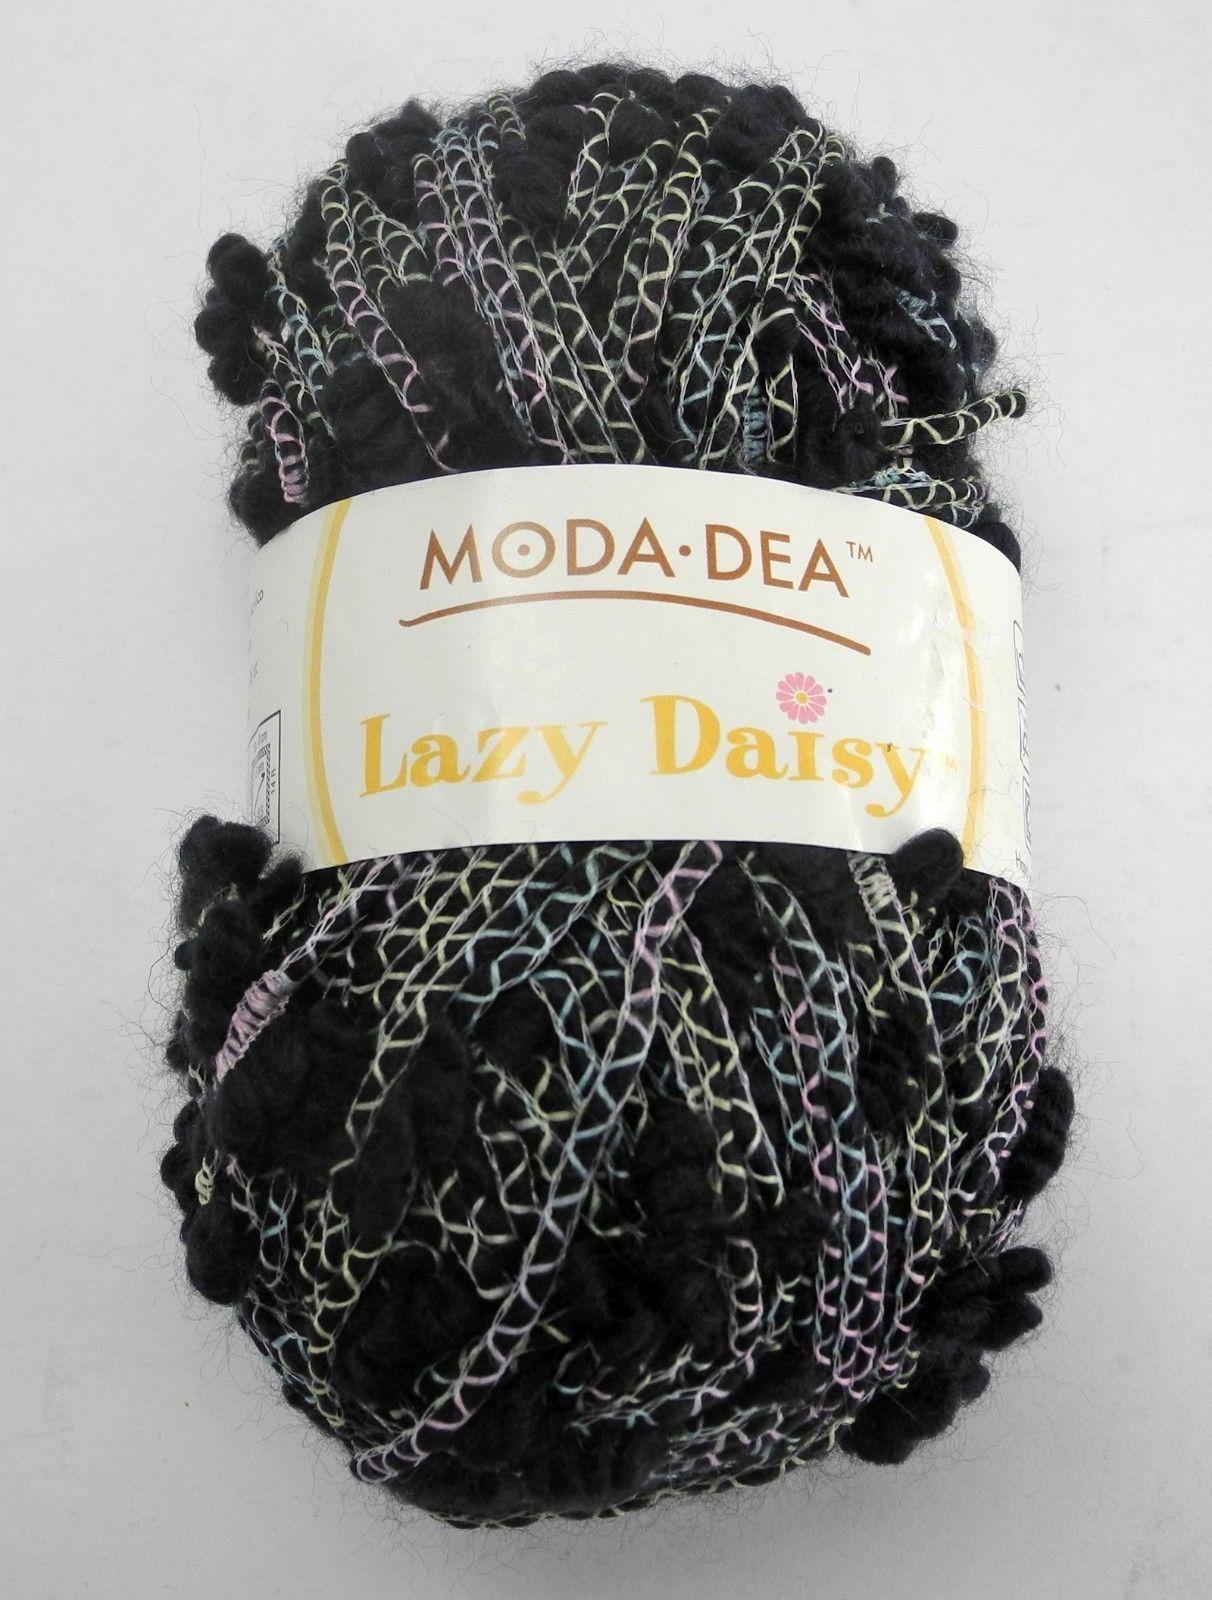 Moda Dea Lazy Daisy Yarn - 1 Skein - Color Wavy Navy #3861